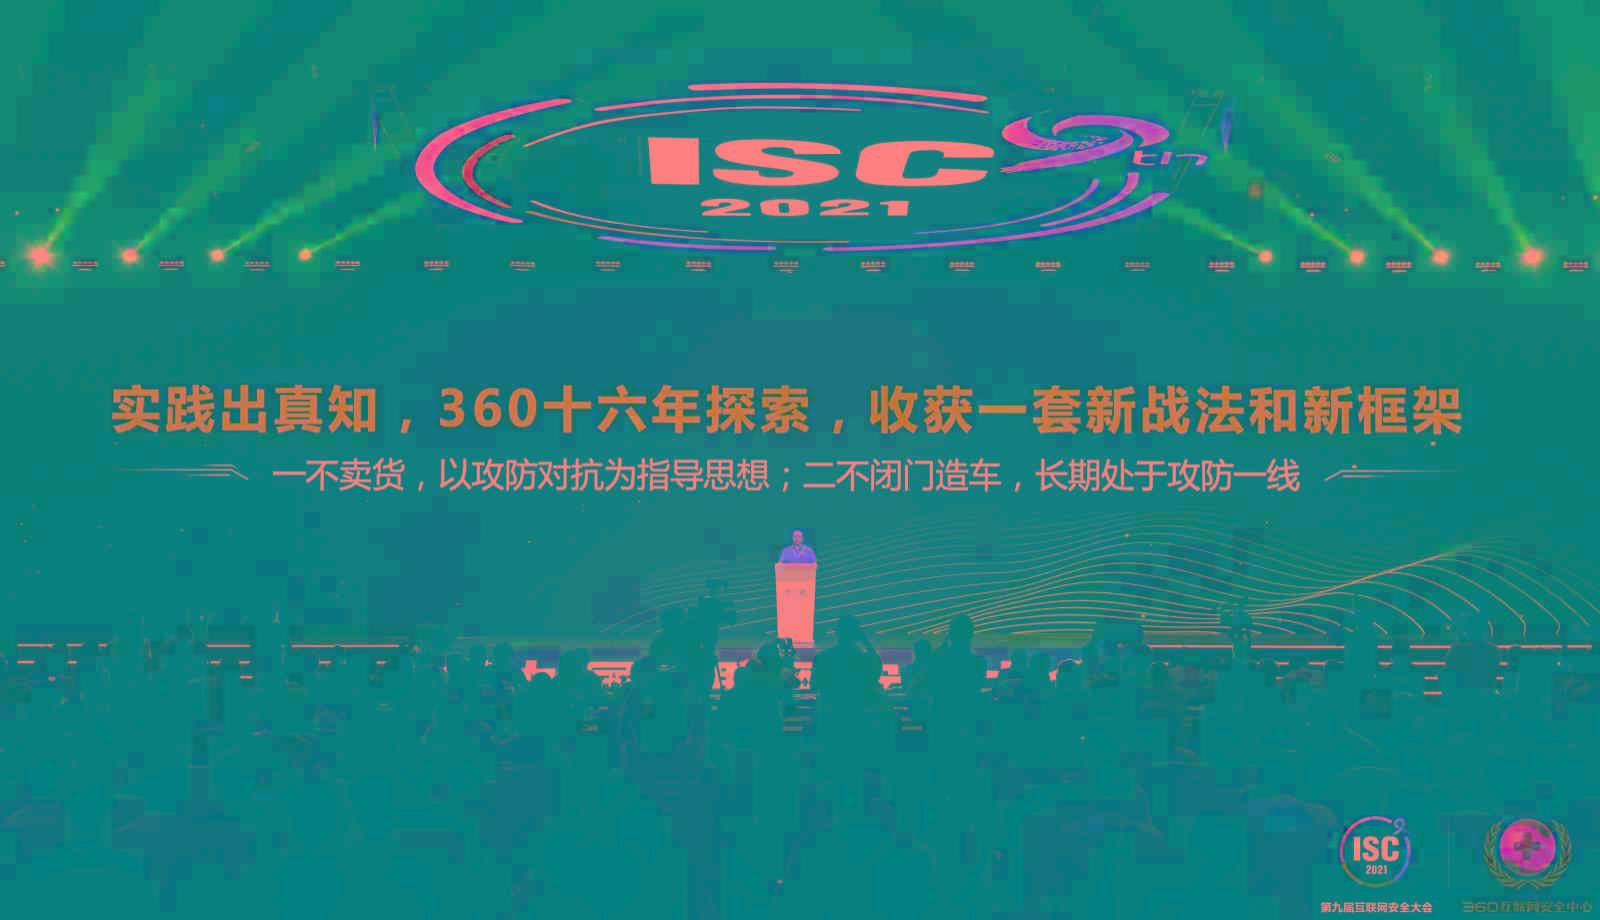 不带货的周鸿祎,ISC大会呼吁网络安全新战法